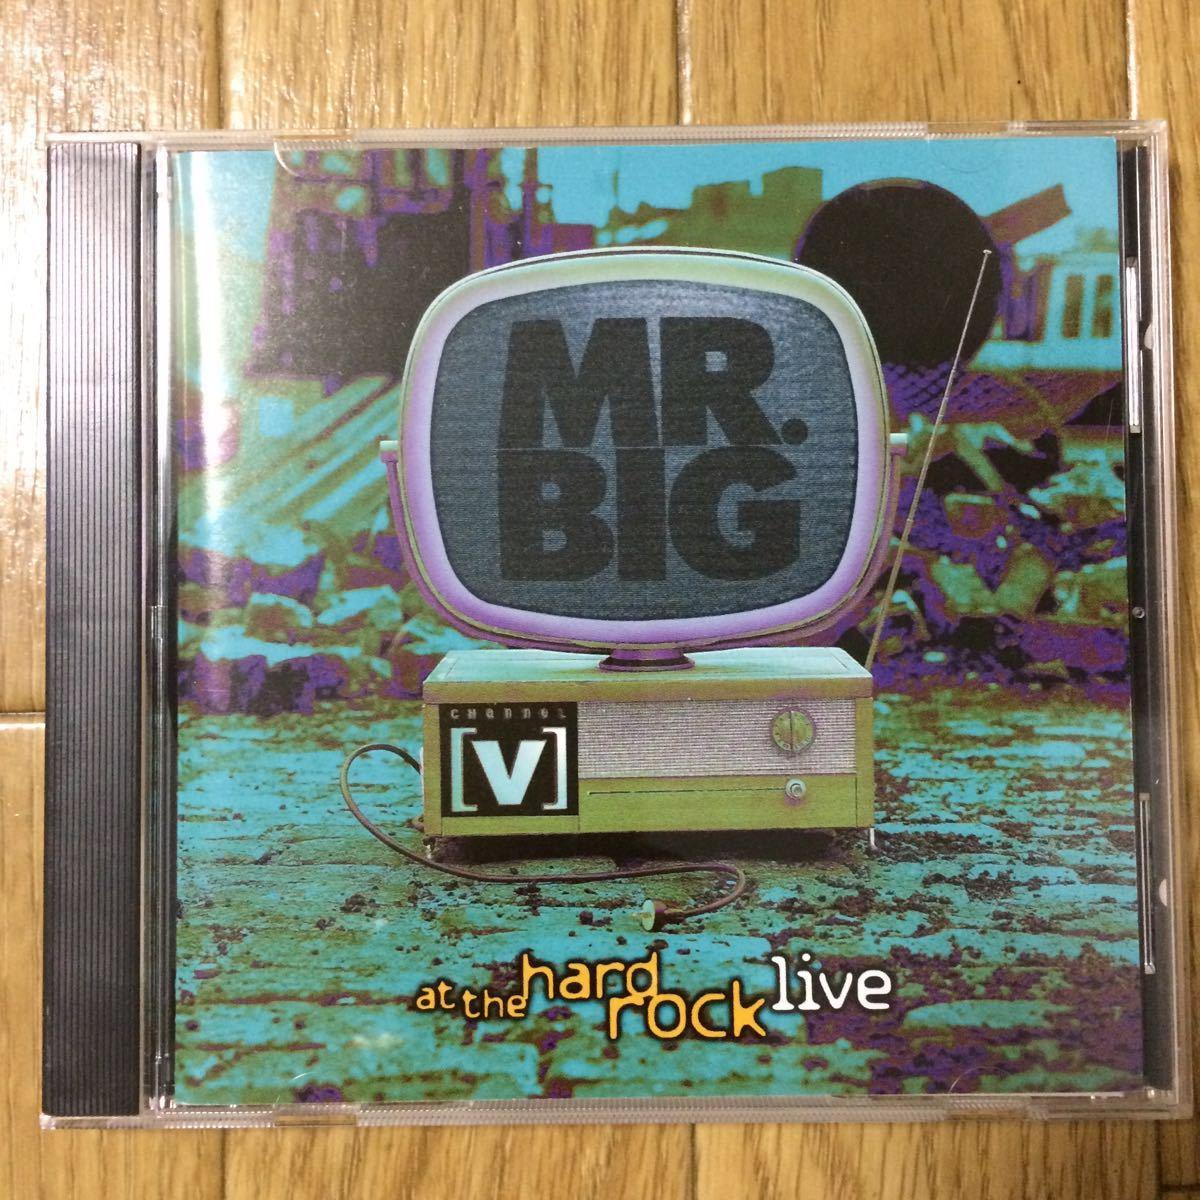 ★即決★ ミスター・ビッグ MR.BIG「ハード・ロック・ライヴ」国内盤_画像1